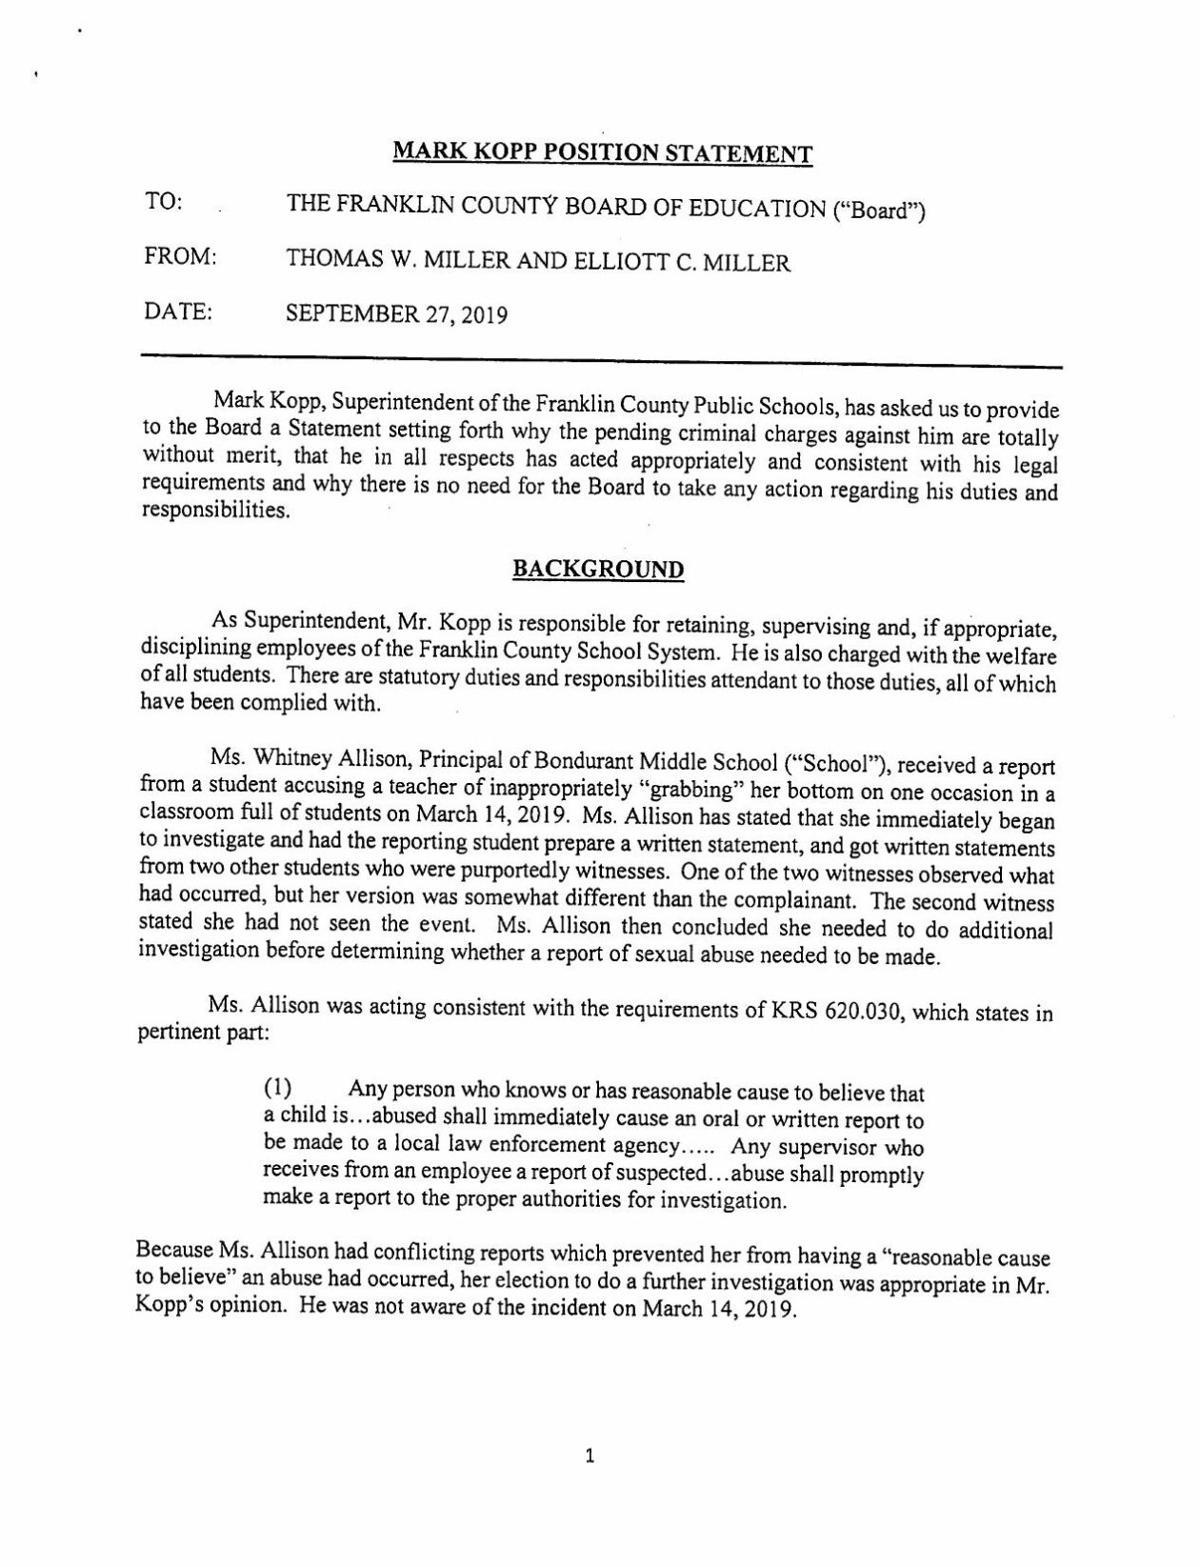 Miller_Kopp statement